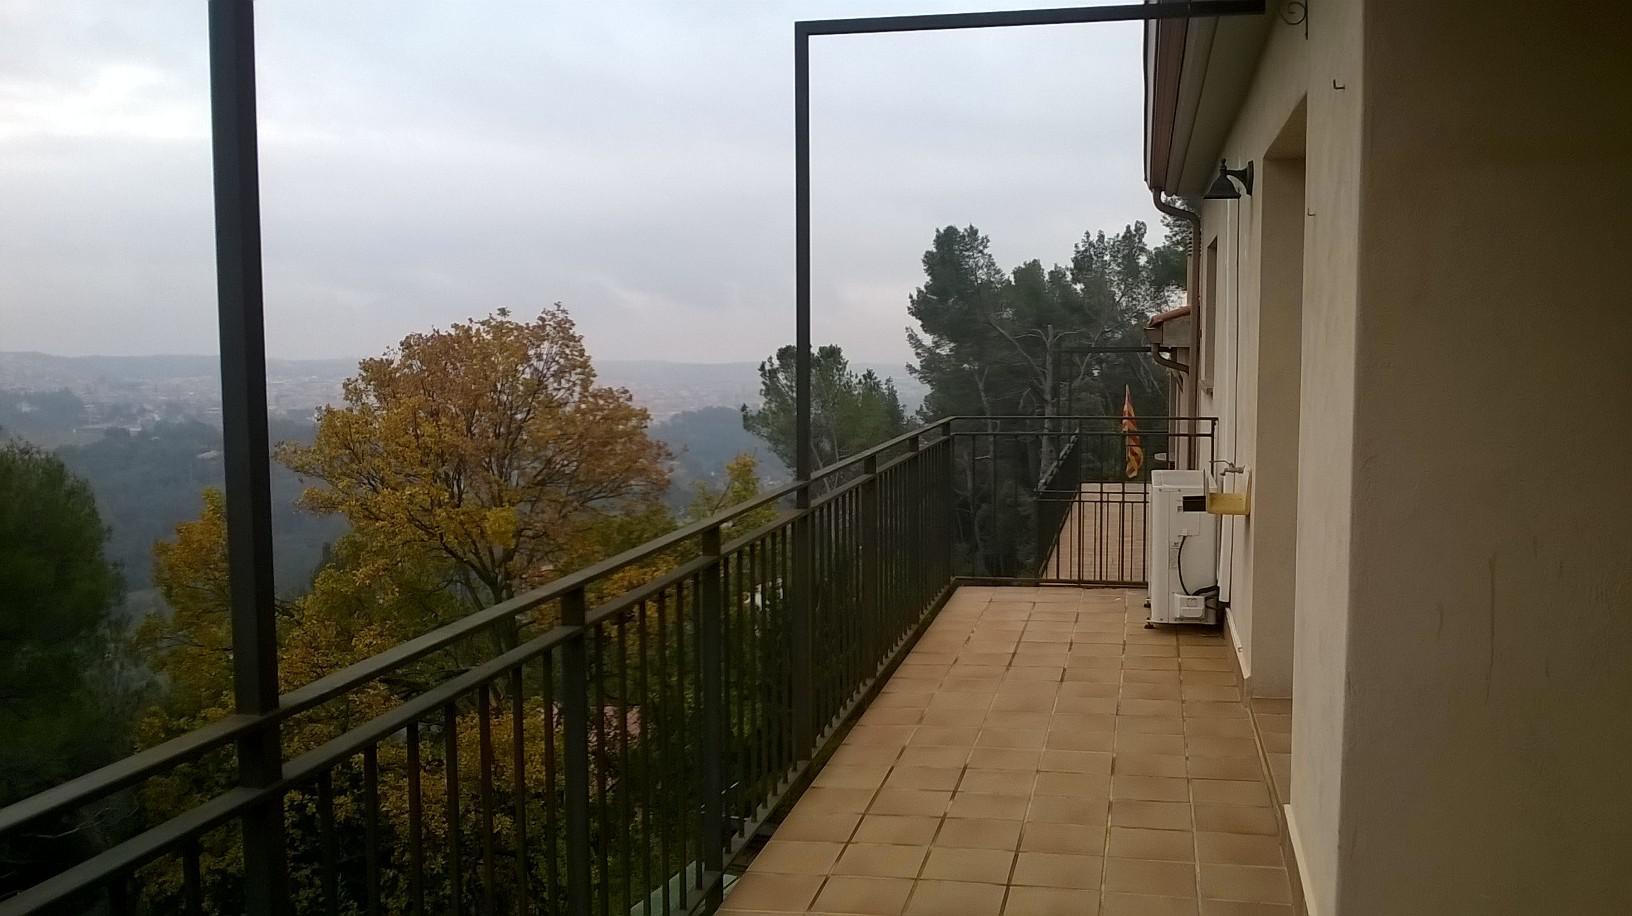 124560 - Chalet Individual en venta en Castellar del Vallés